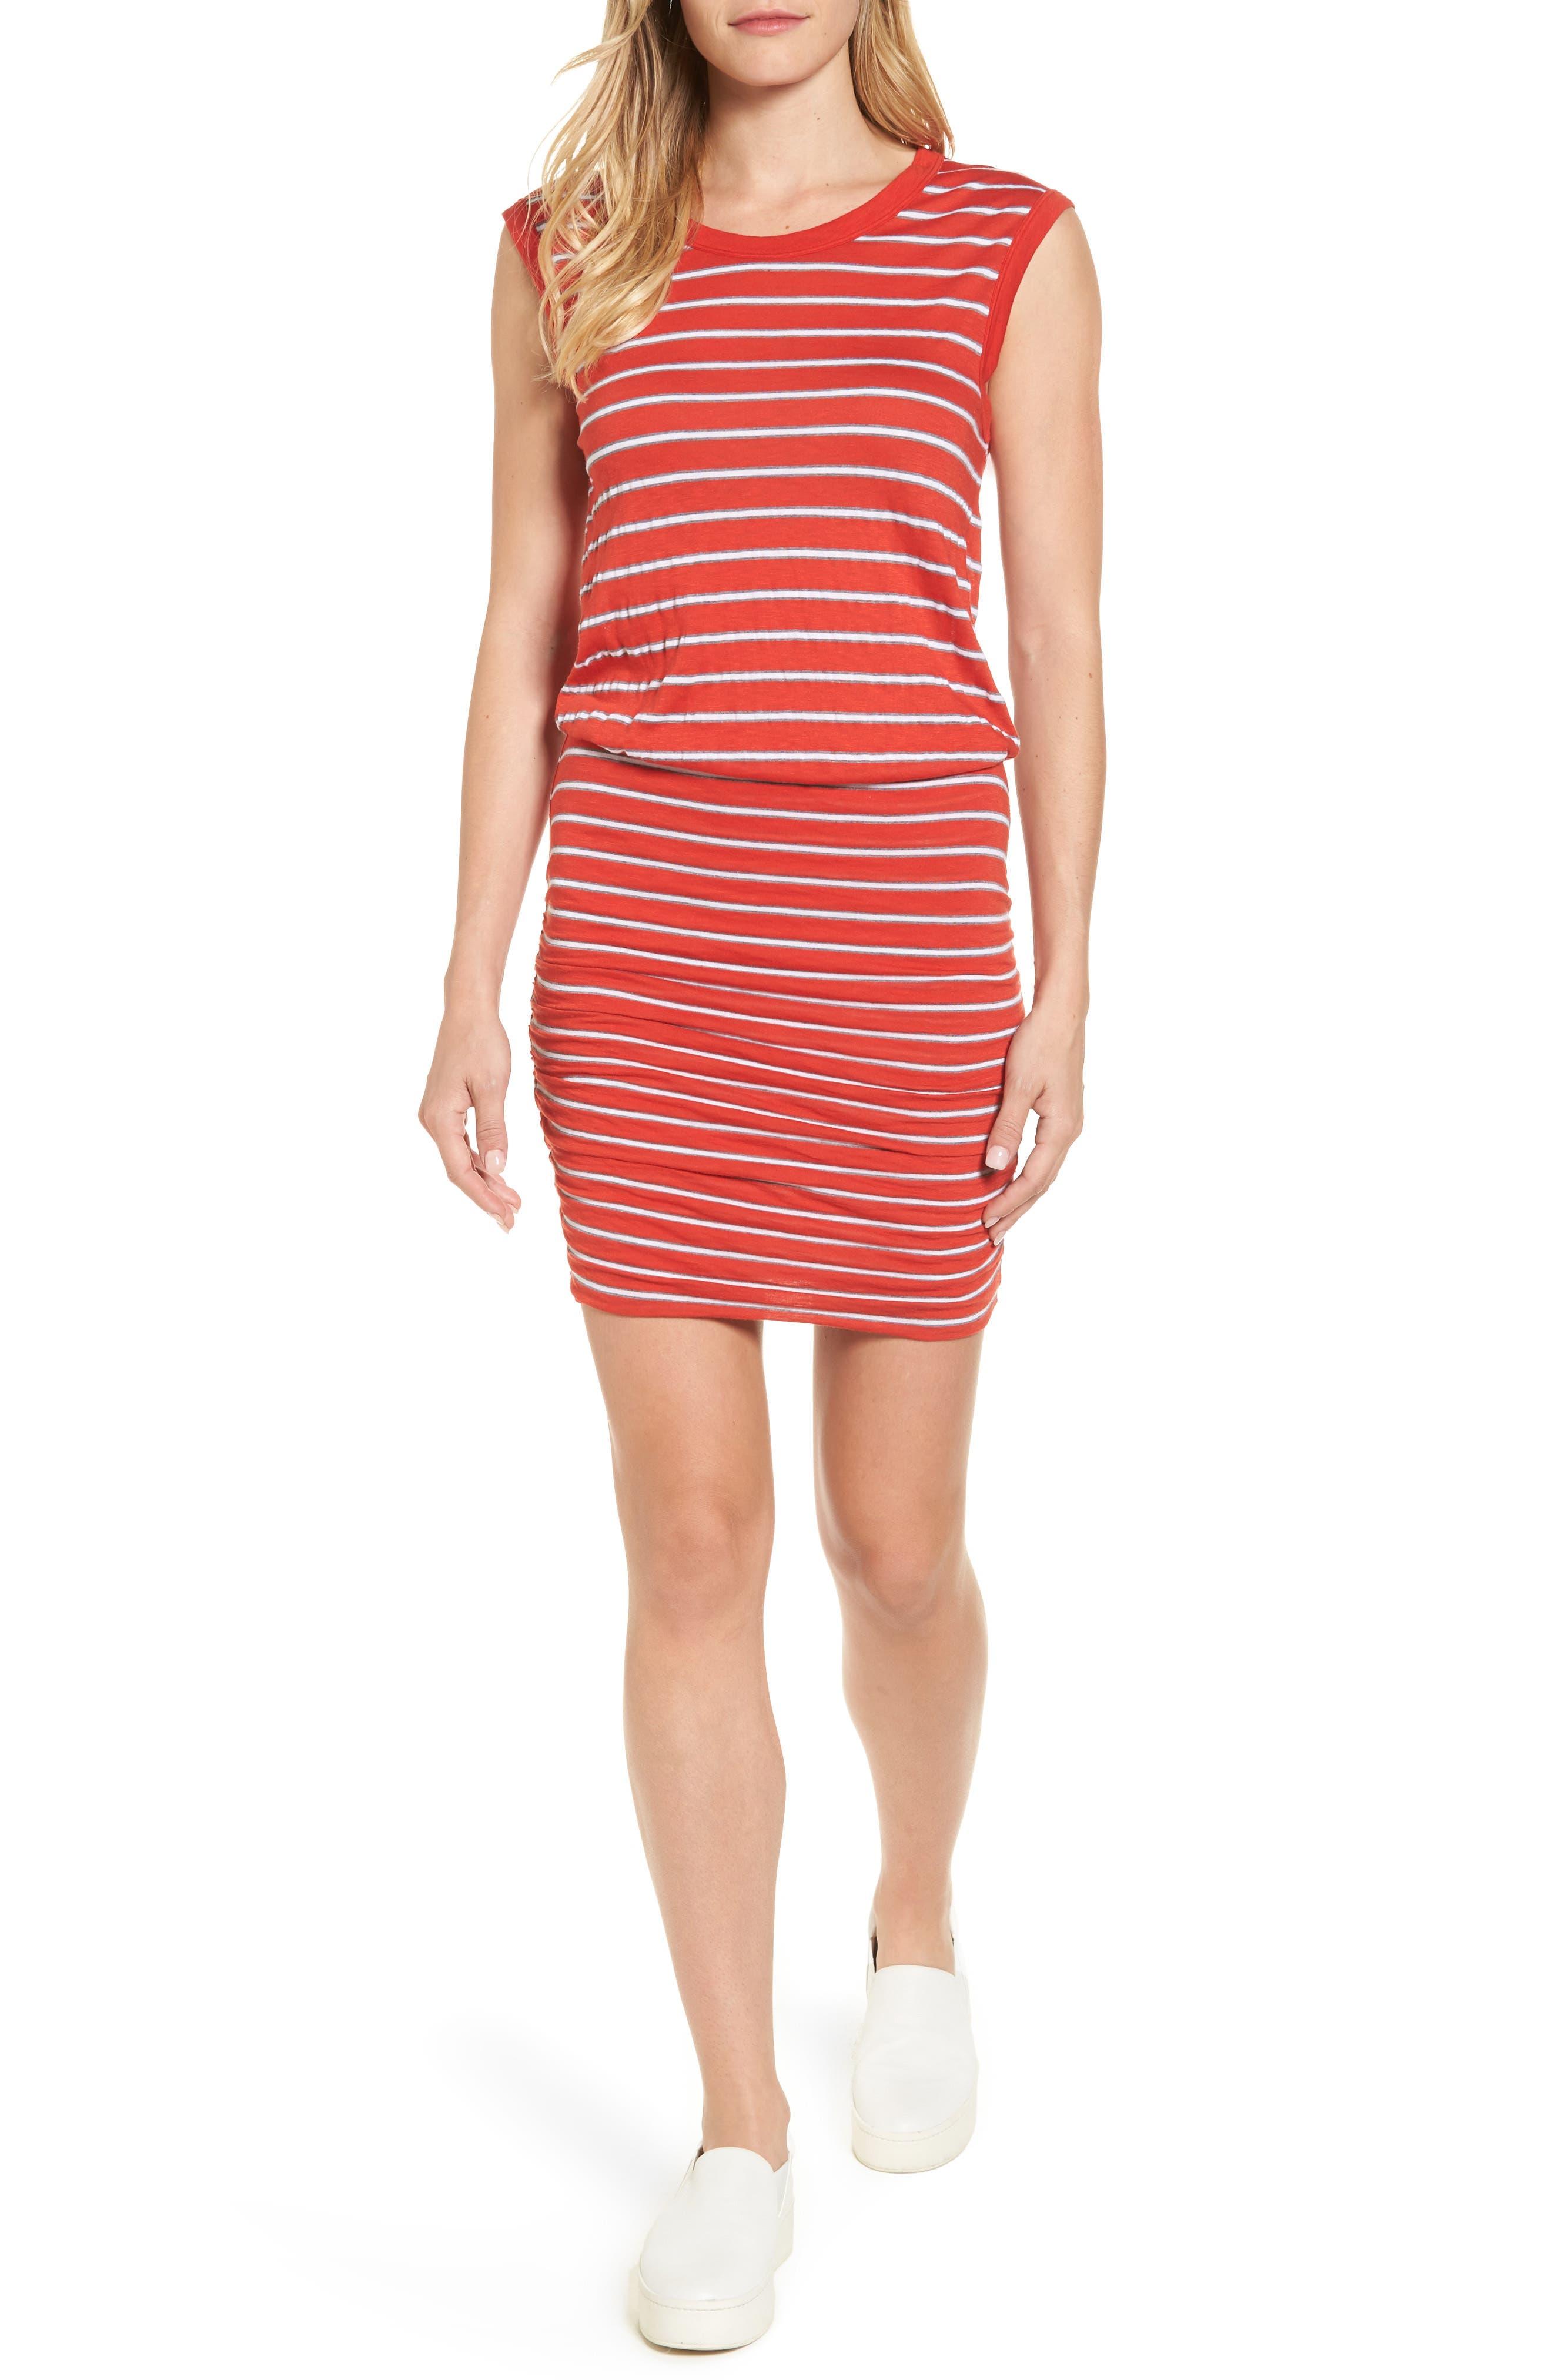 Alternate Image 1 Selected - Velvet by Graham & Spencer Stripe Ruched Dress